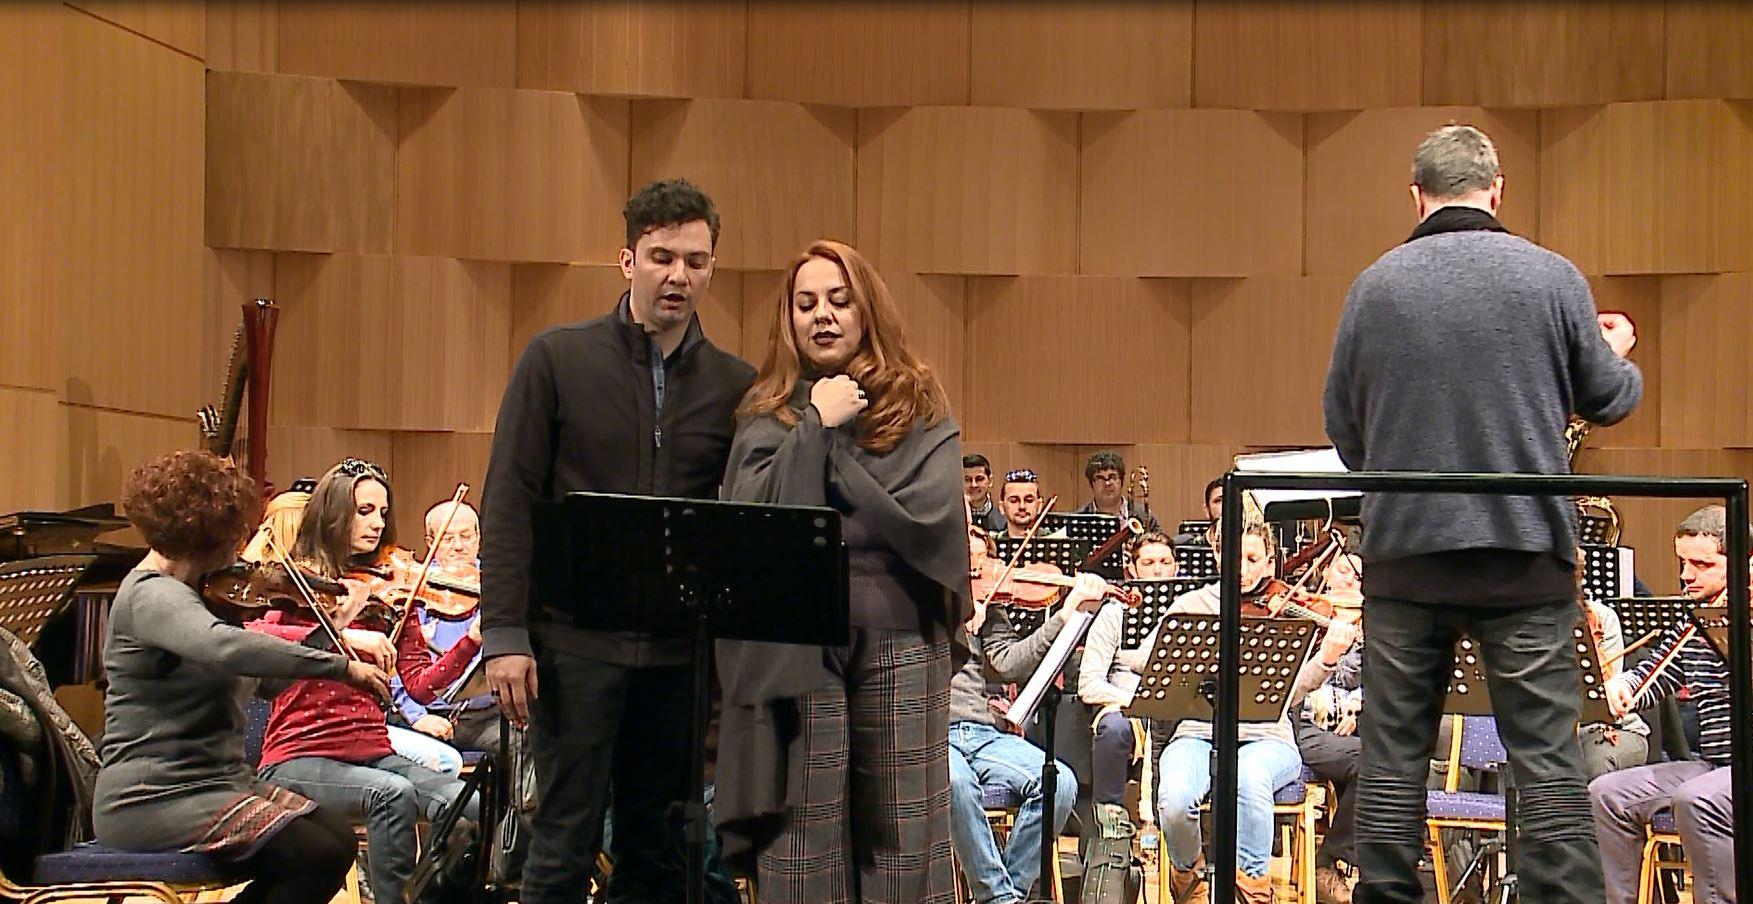 """Shqiptarë e grekë sëbashku për """"Urat e trashëgimisë muzikore"""""""